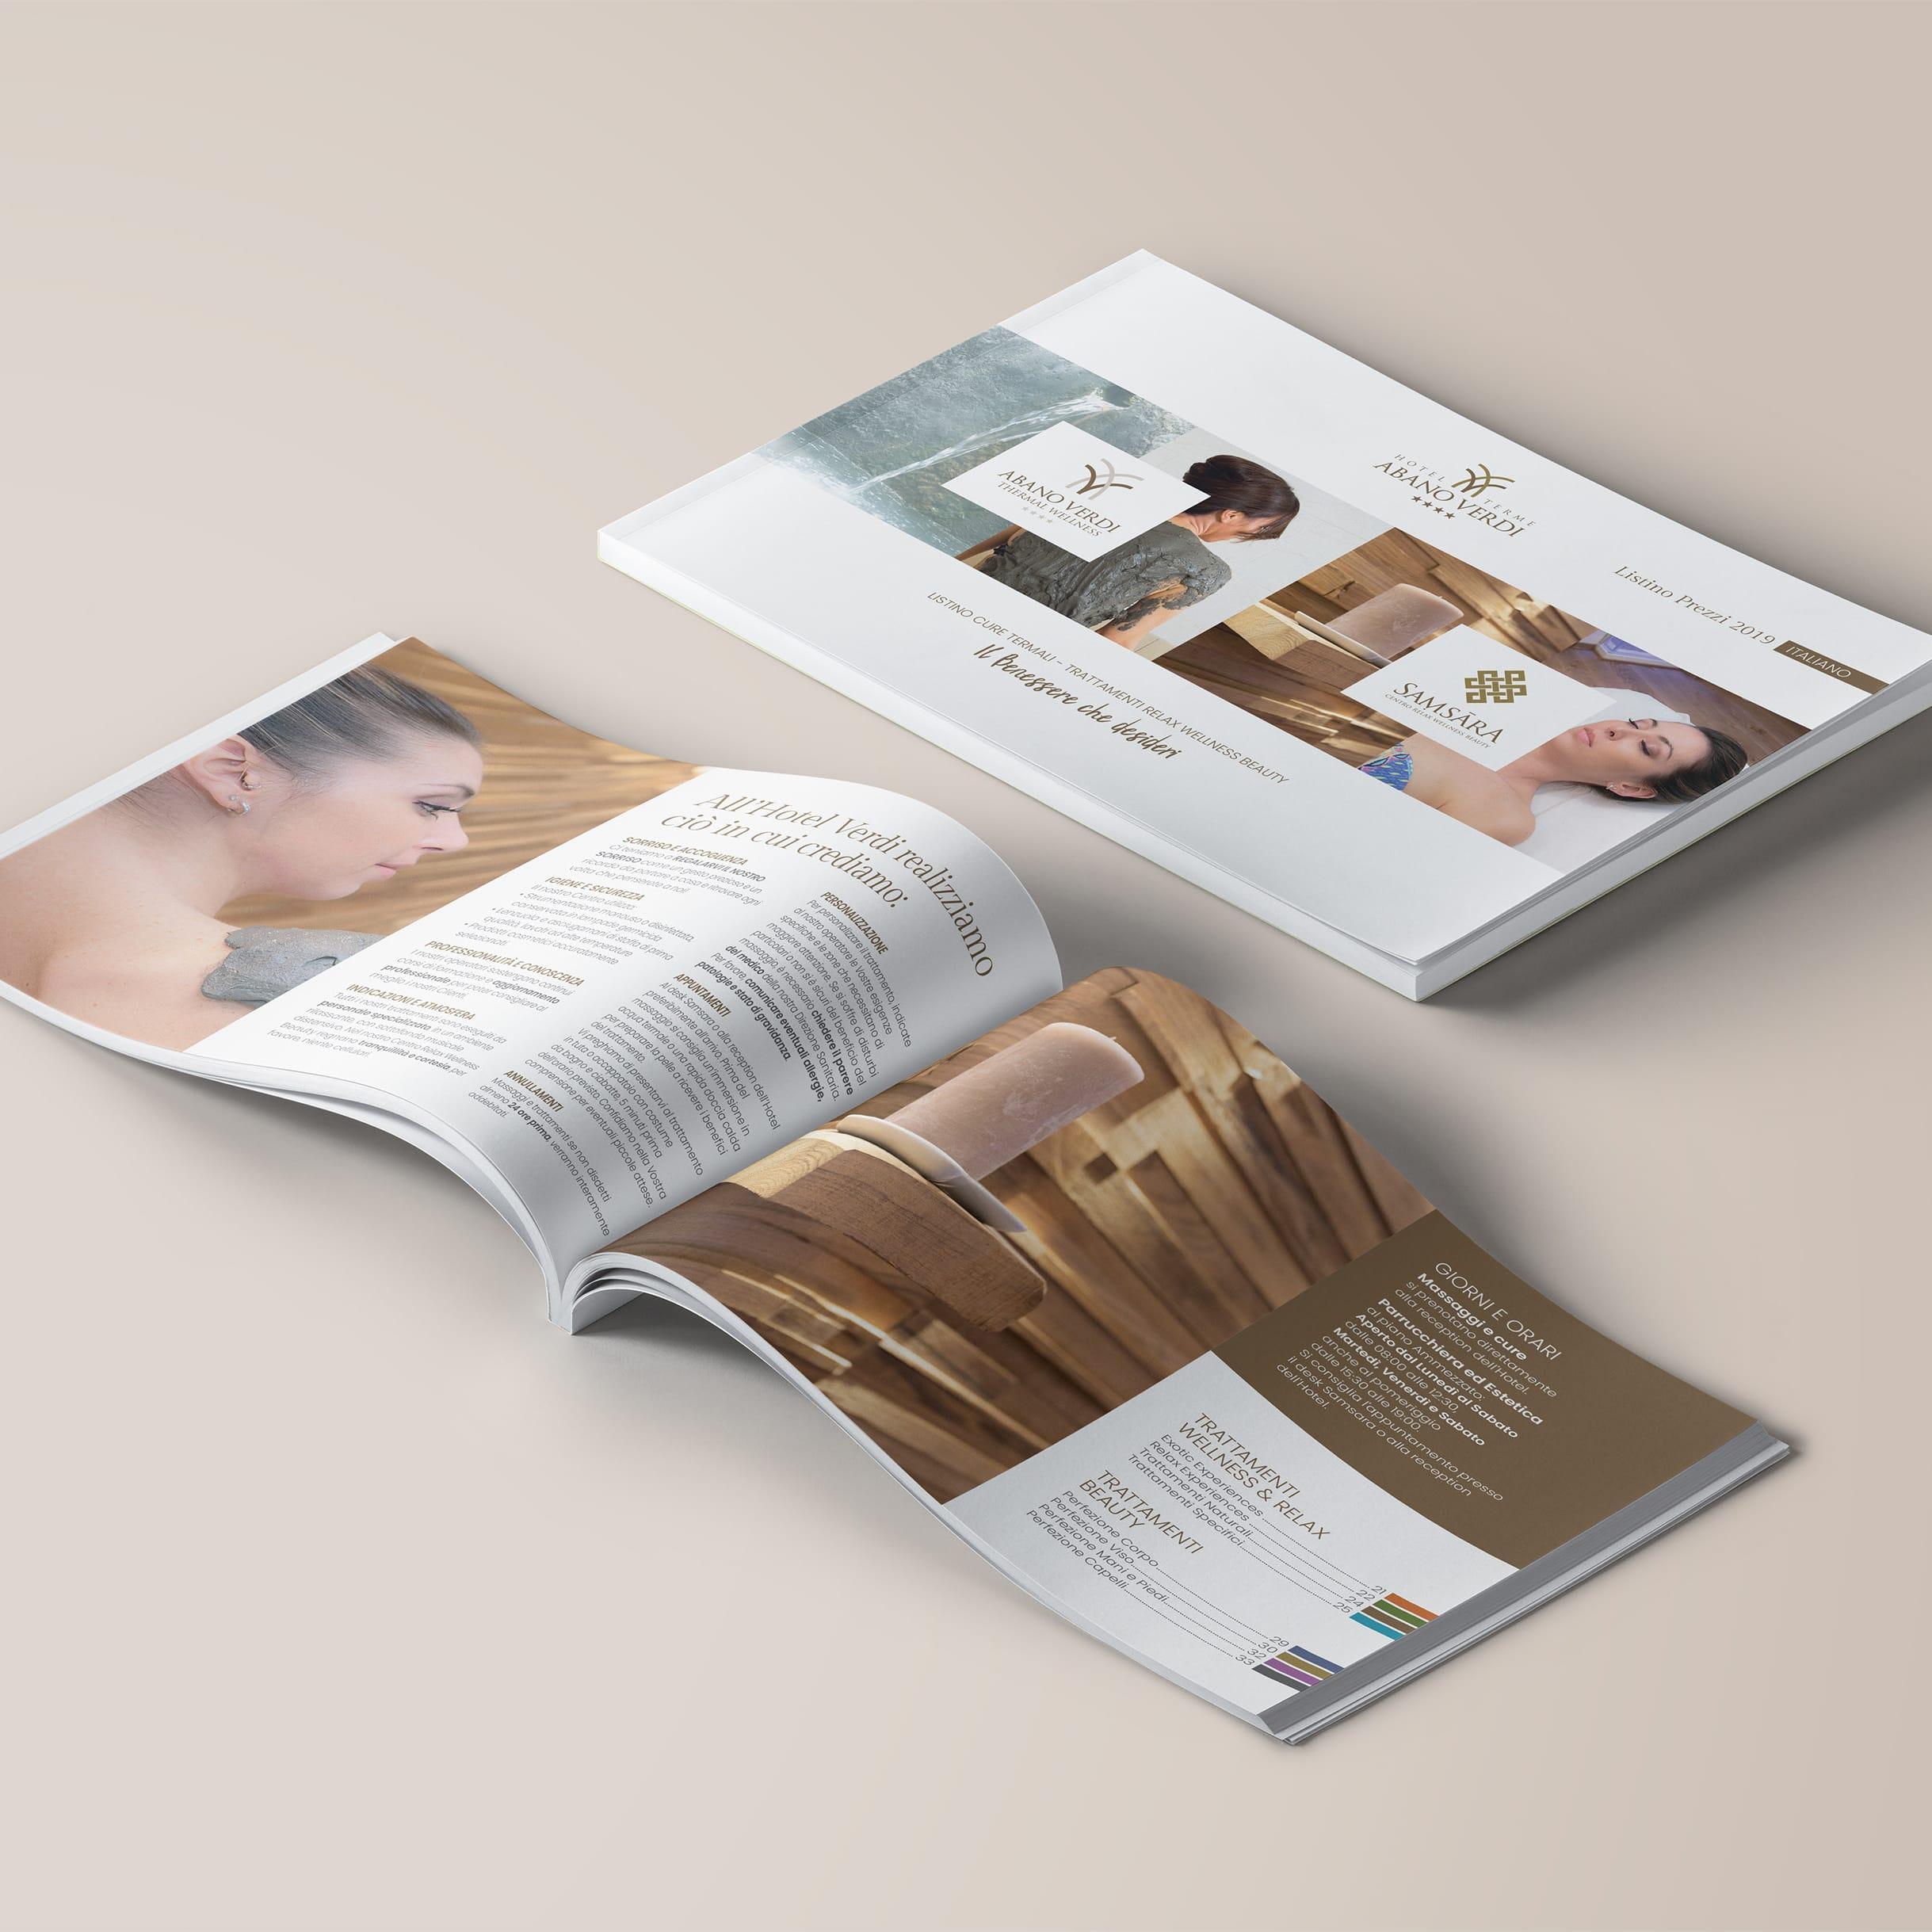 22 mẫu catalogue spa đẹp giúp nâng cao đẳng cấp